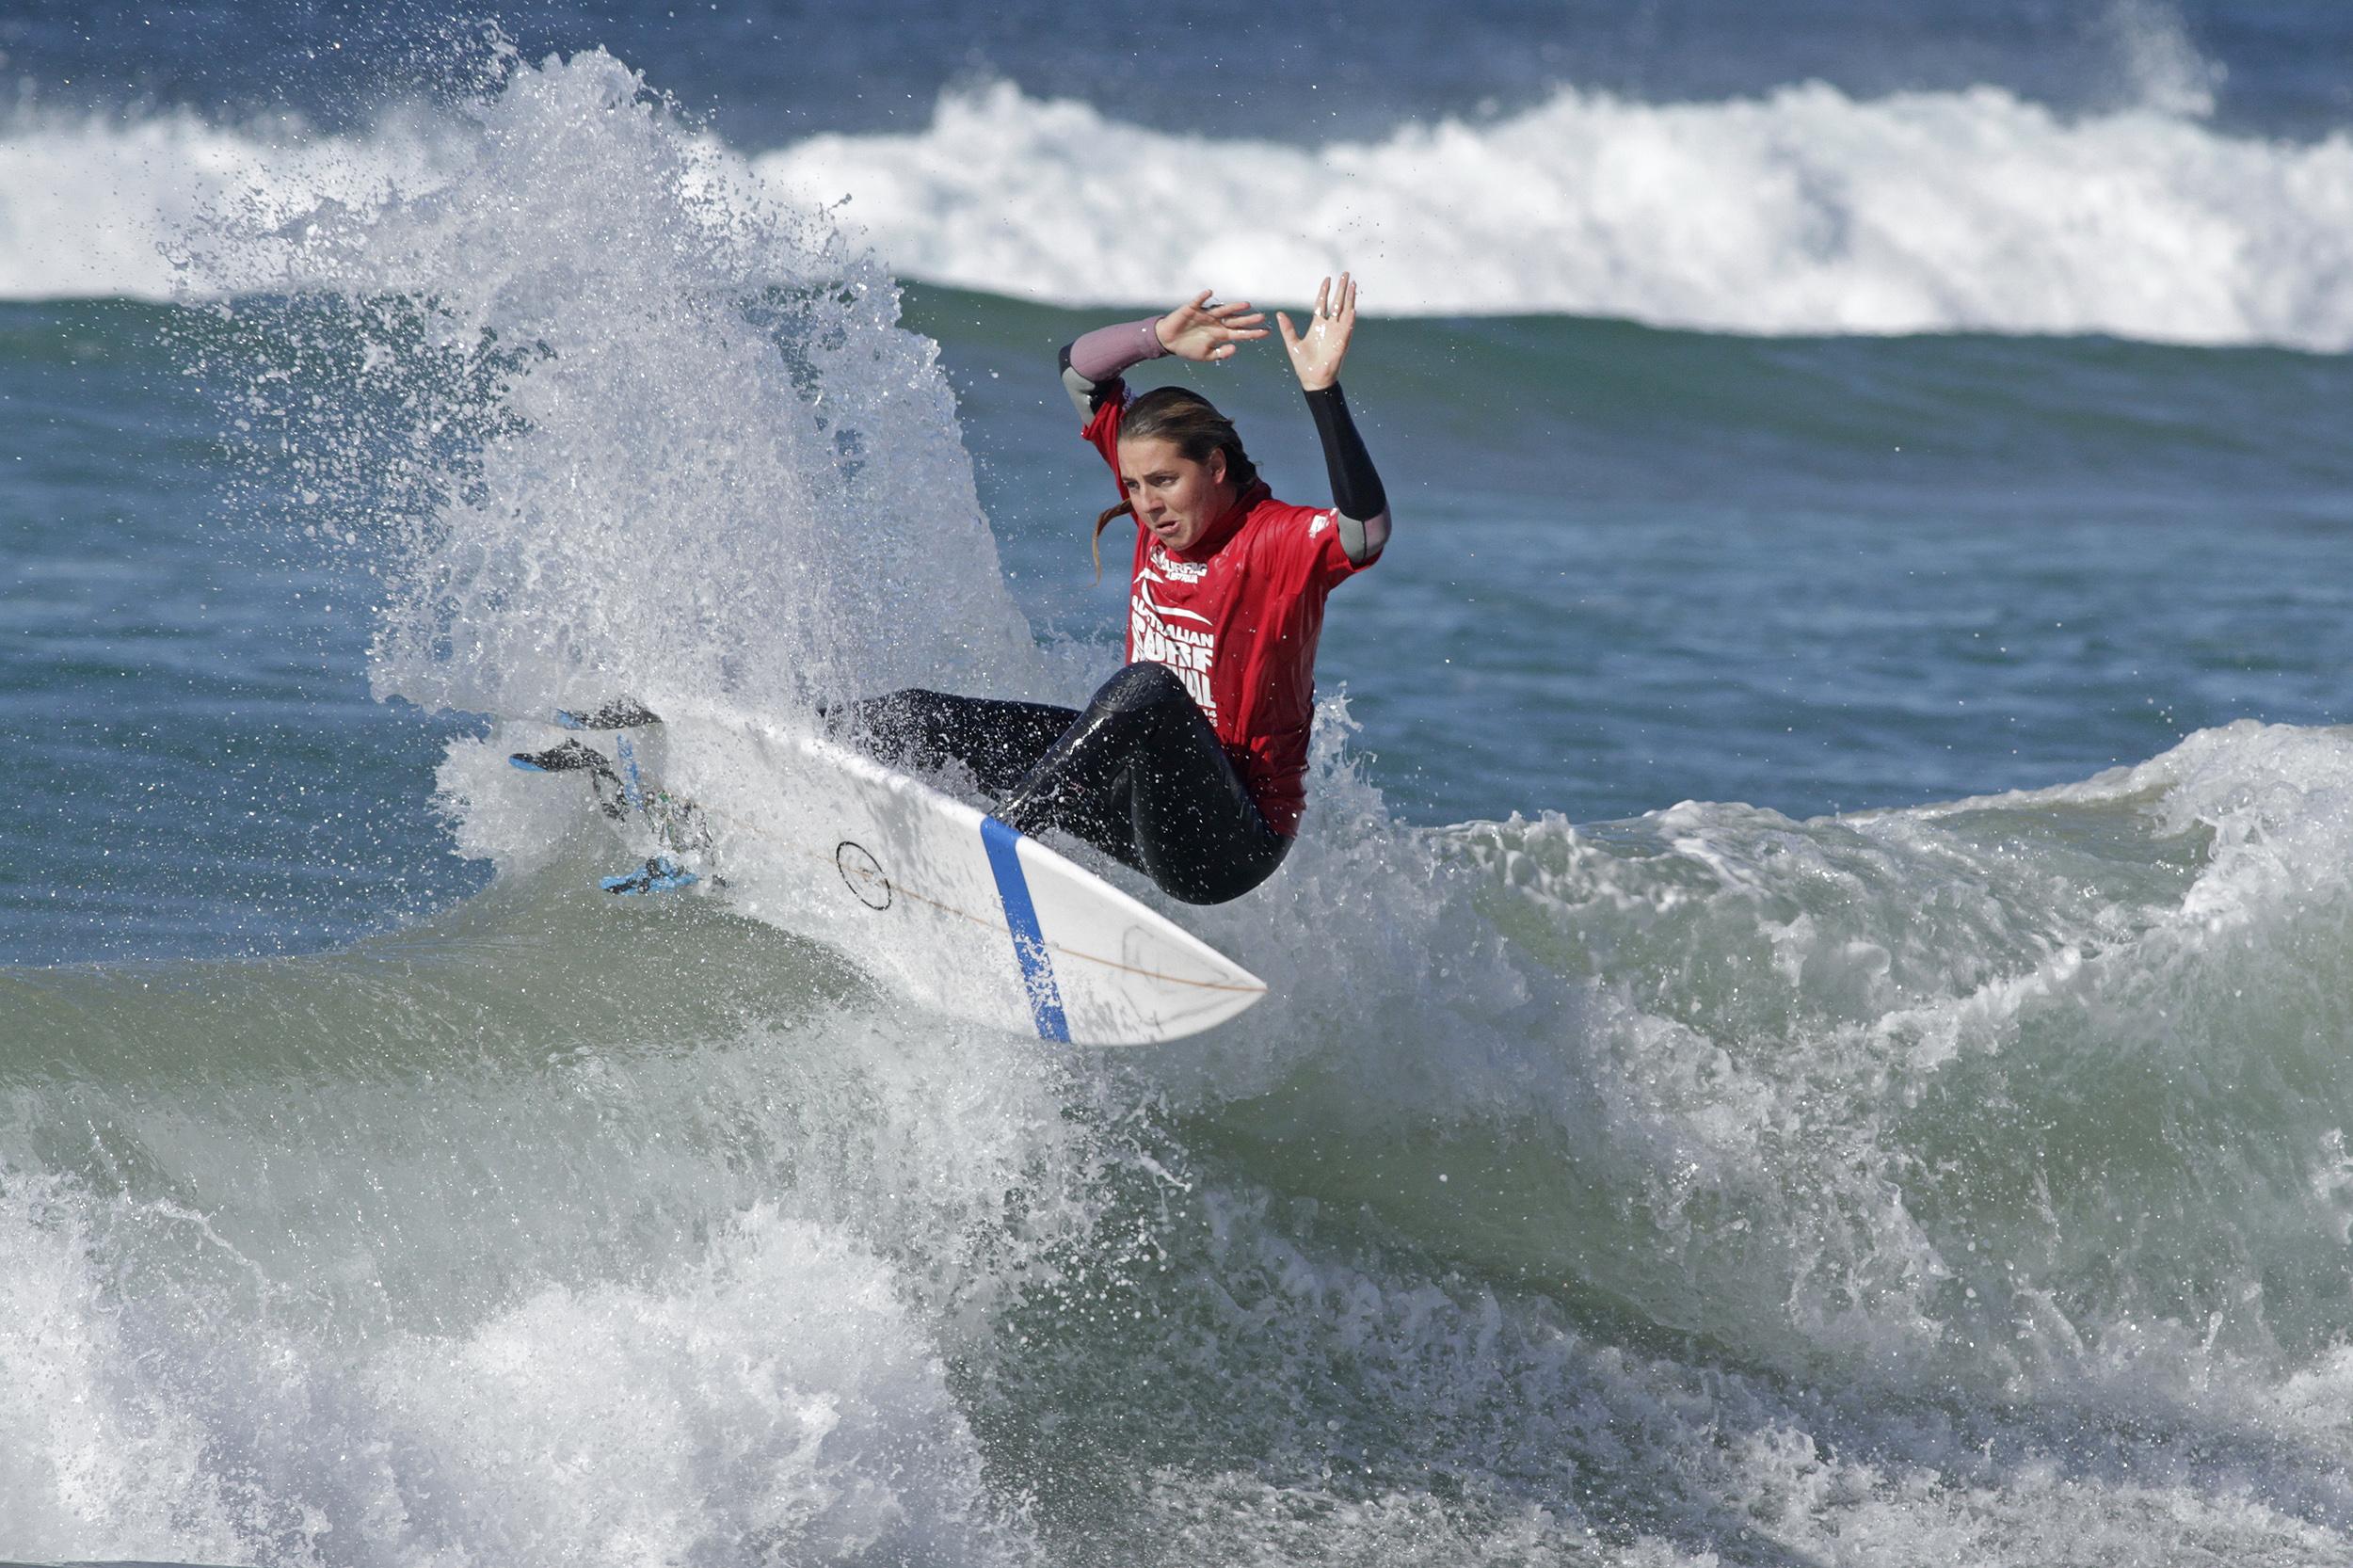 Photo: Surfing Australia / Nikon - www.mynikonlife.com.au